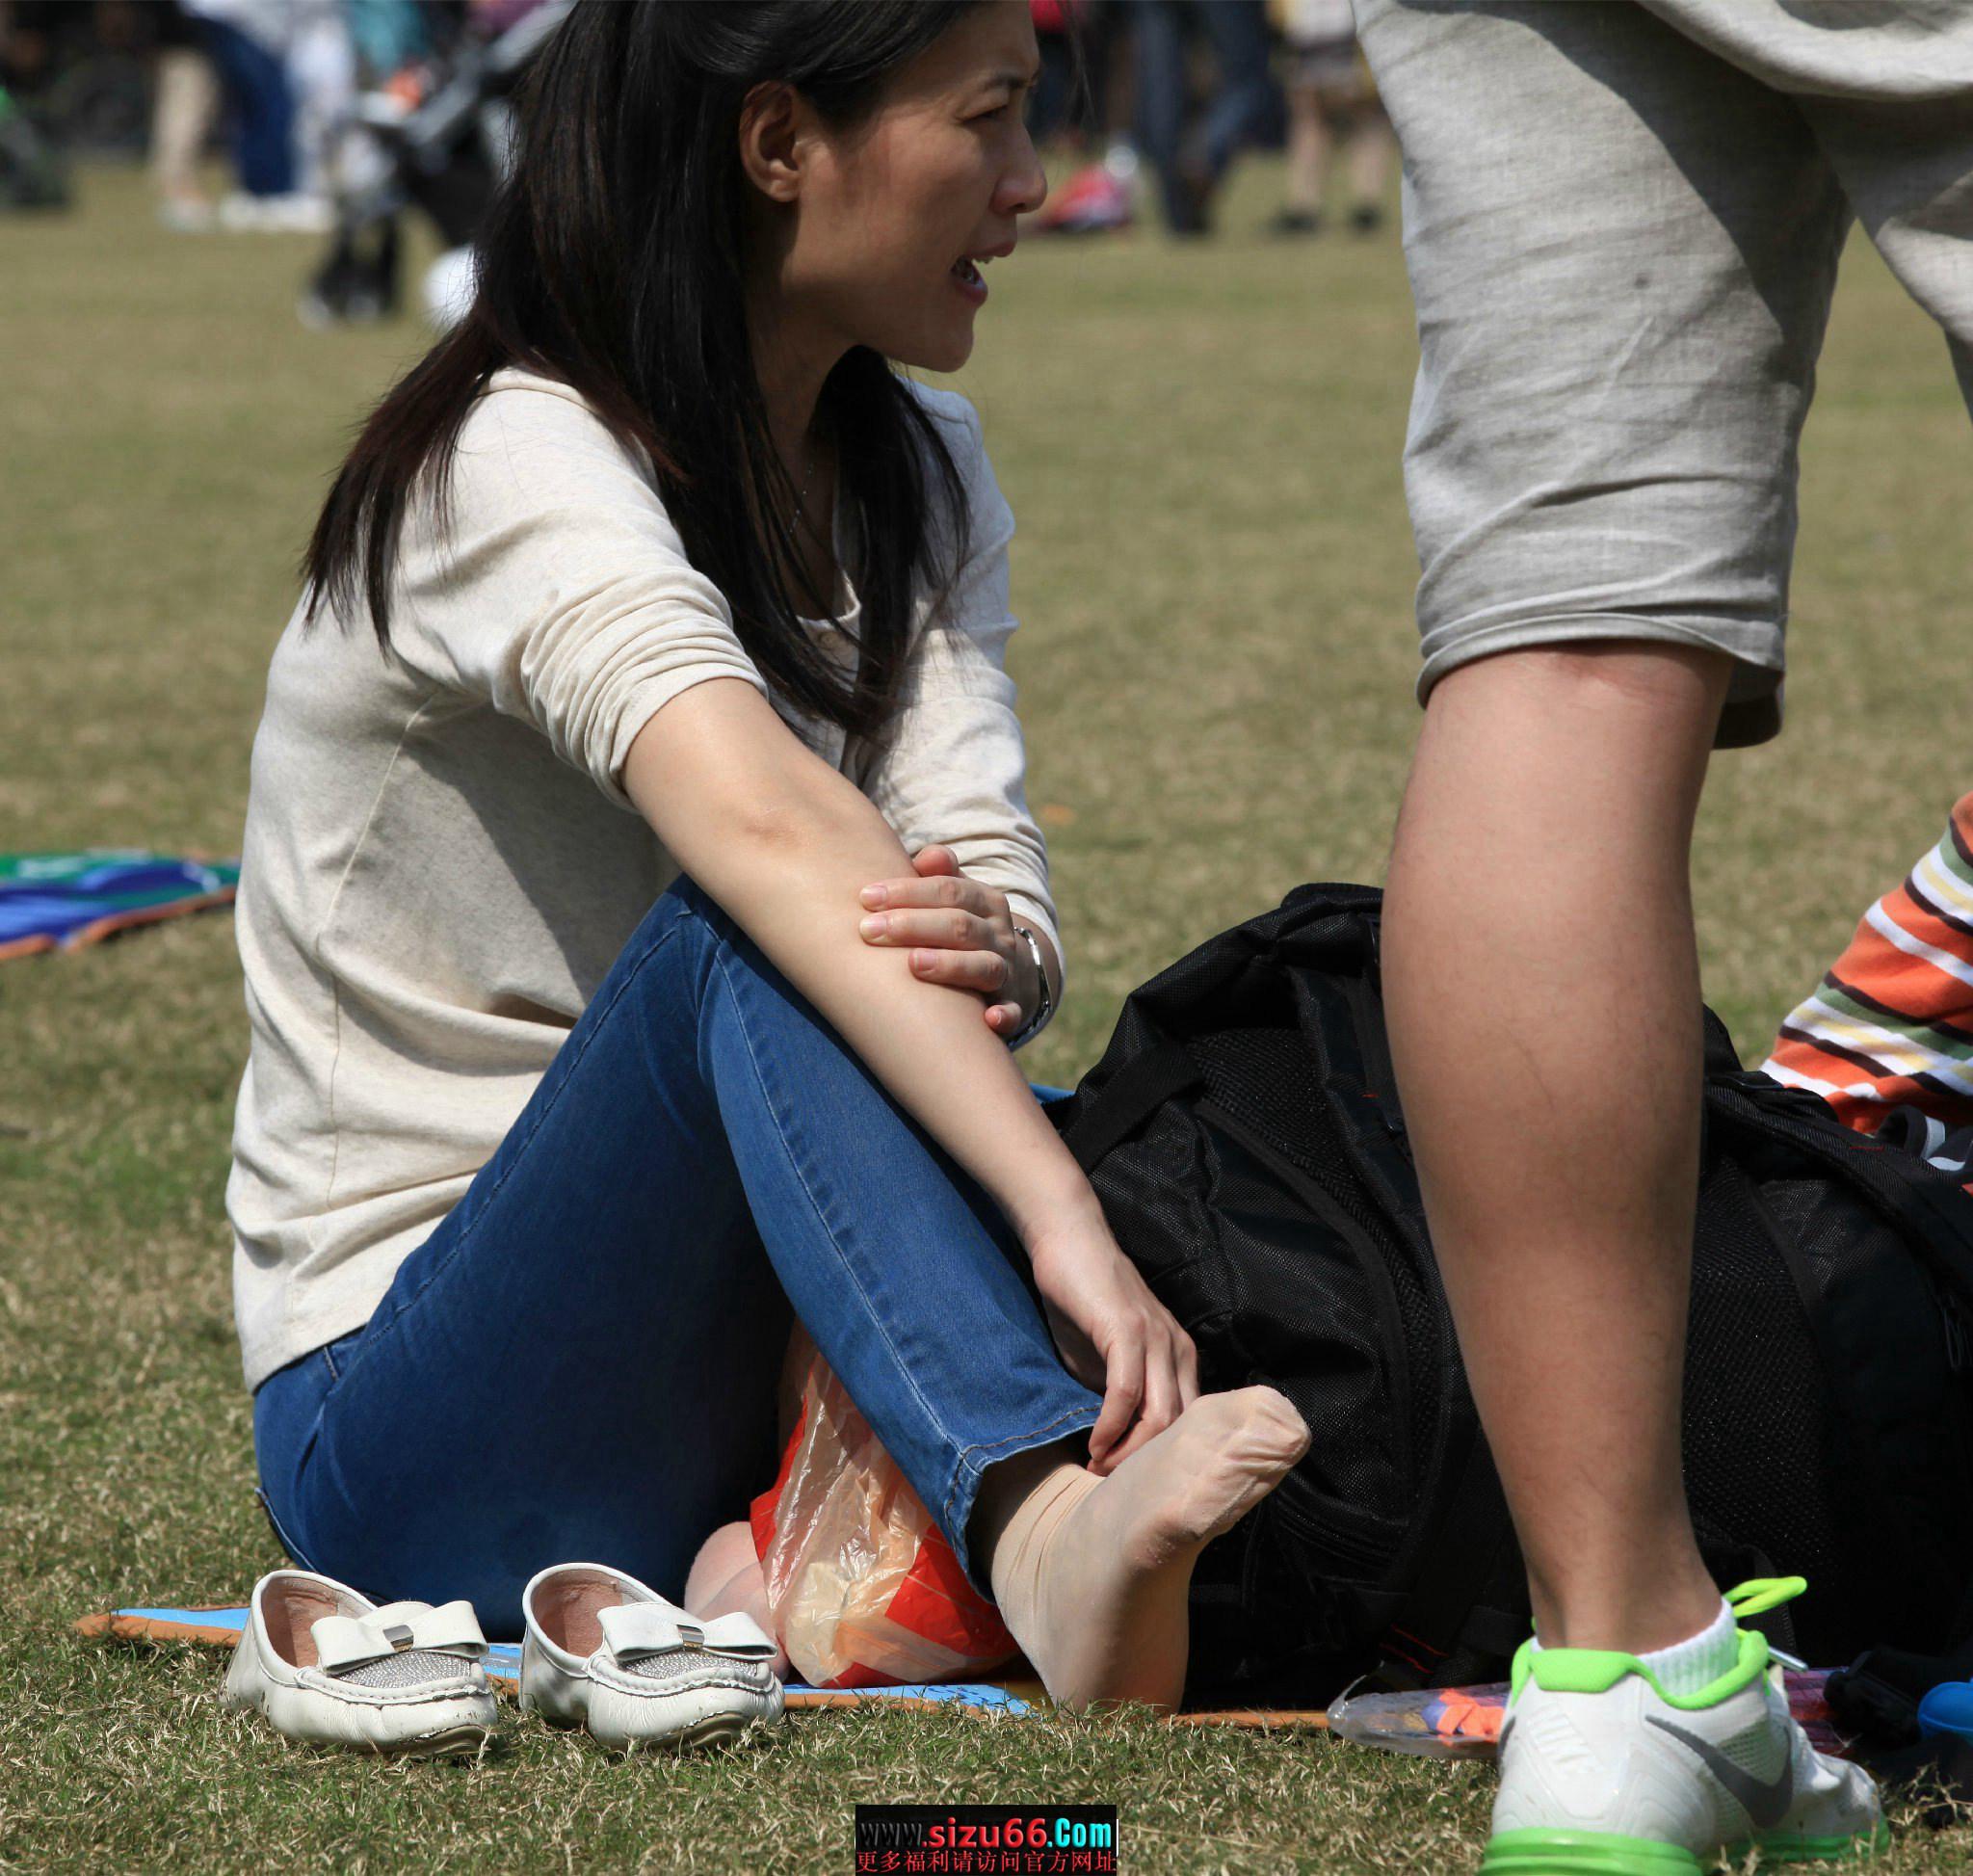 (682)草地上美女脱掉平底鞋放松晾晒汗湿丝袜美脚玉足[色].jpg